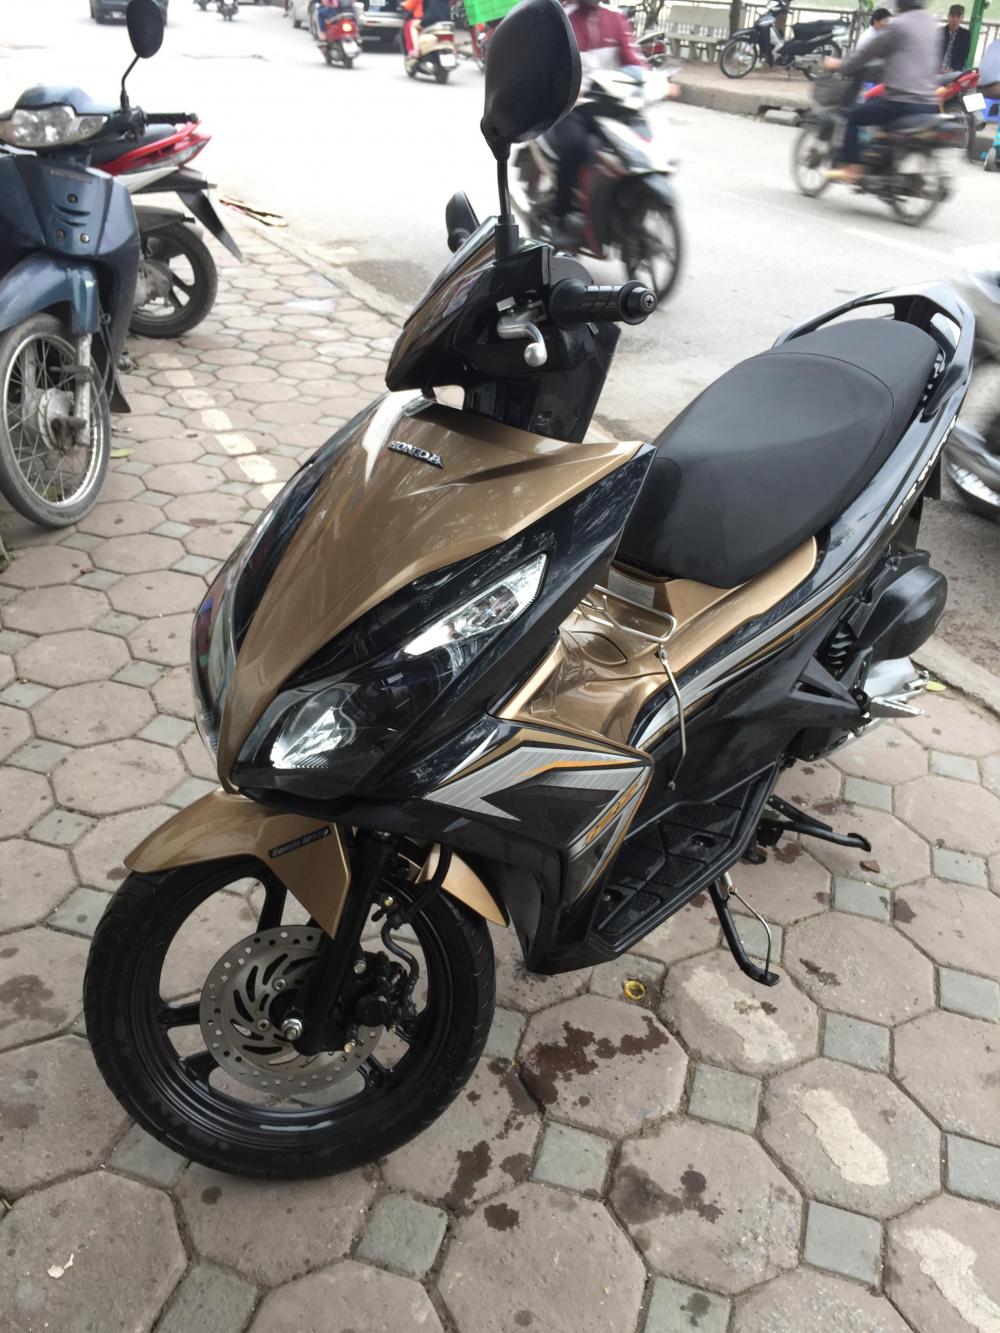 Ban xe Honda Air Blade 2015 bien Ha Noi